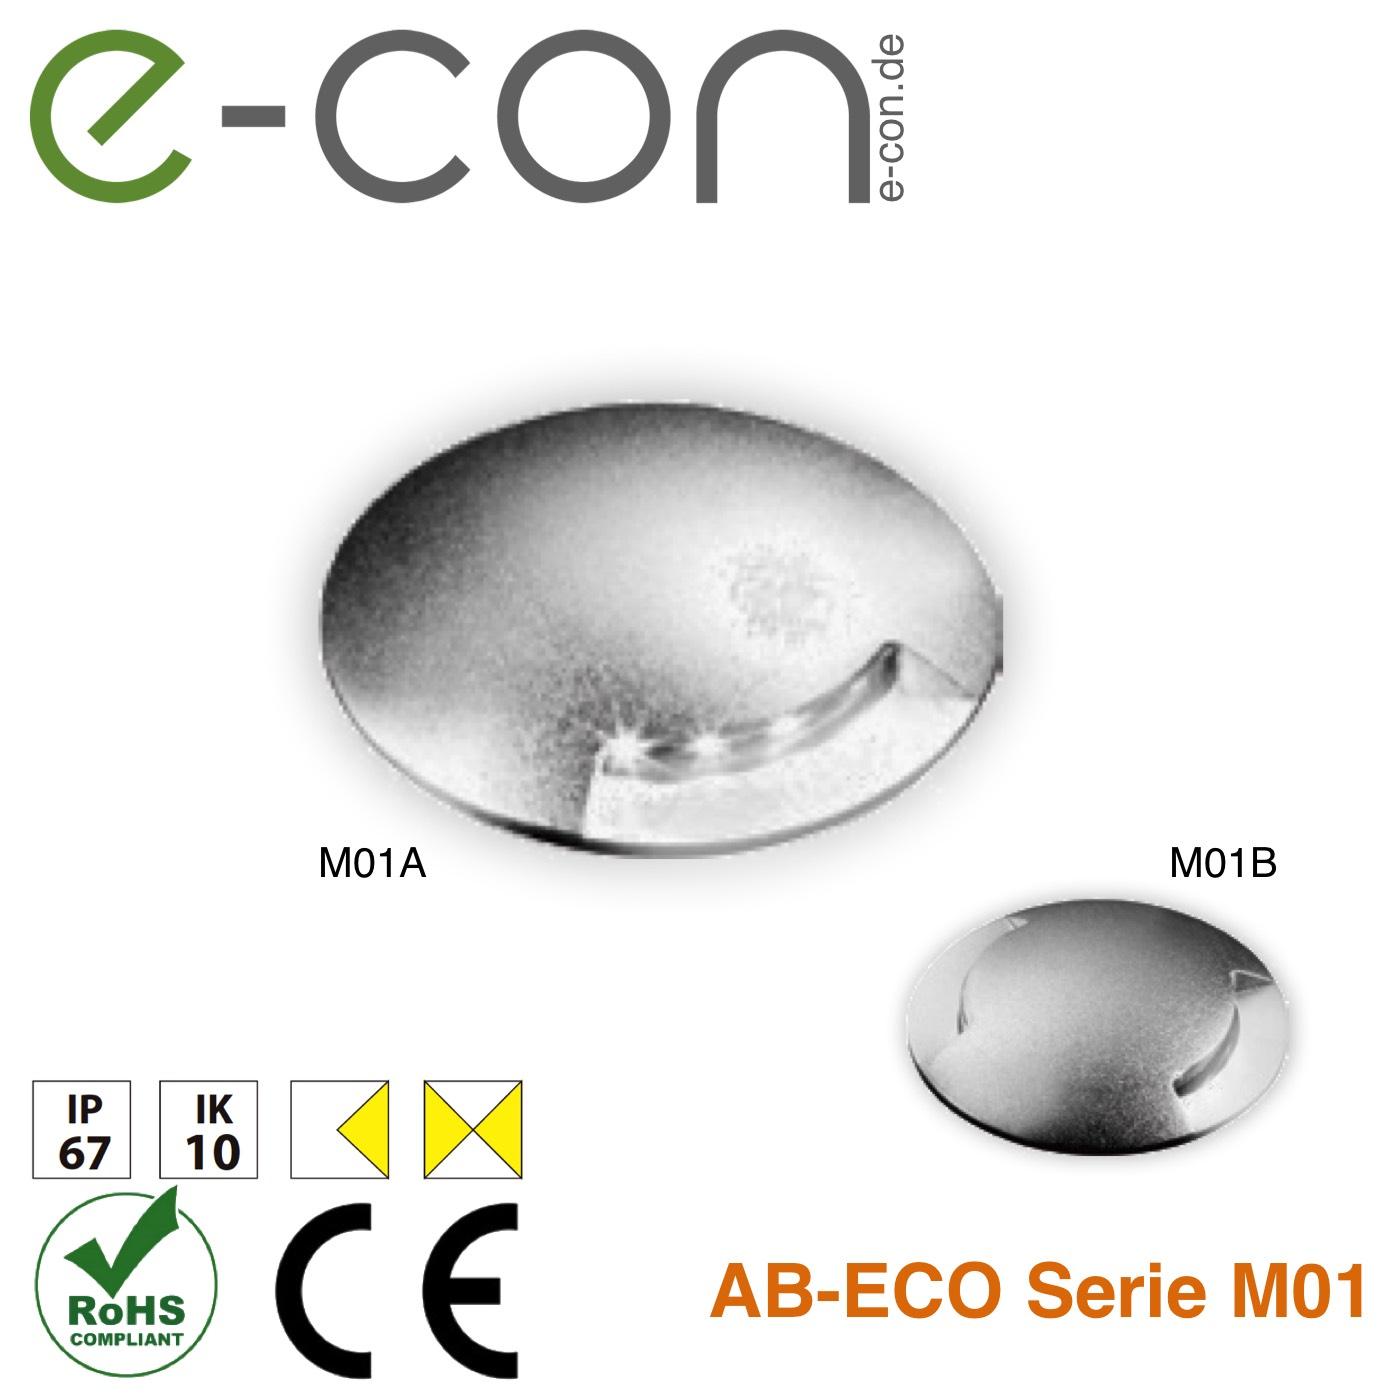 AB-ECO Serie M01